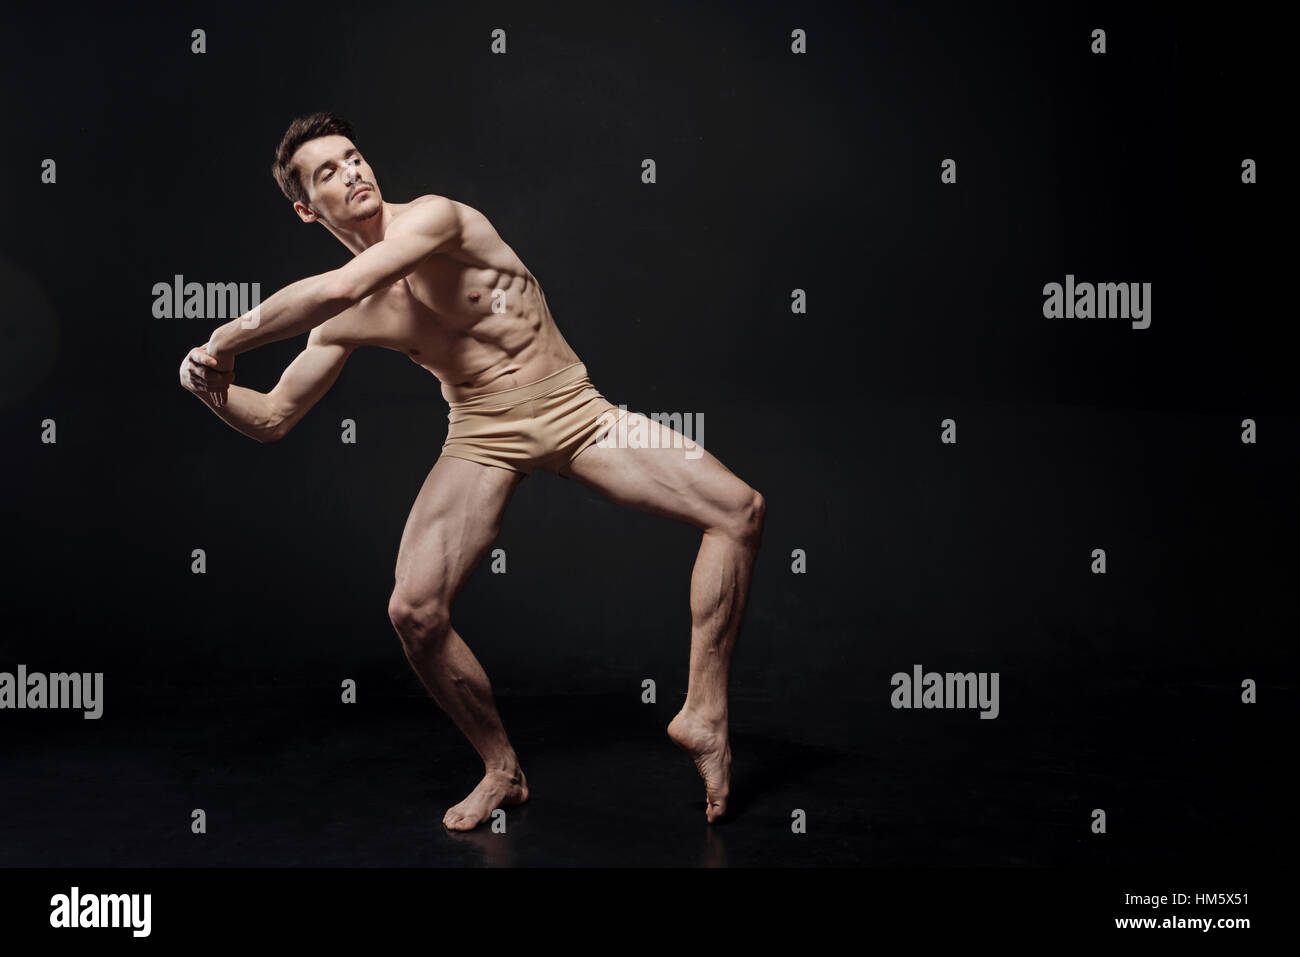 Molleggiante atleta Dancing in the colorati di nero studio Immagini Stock